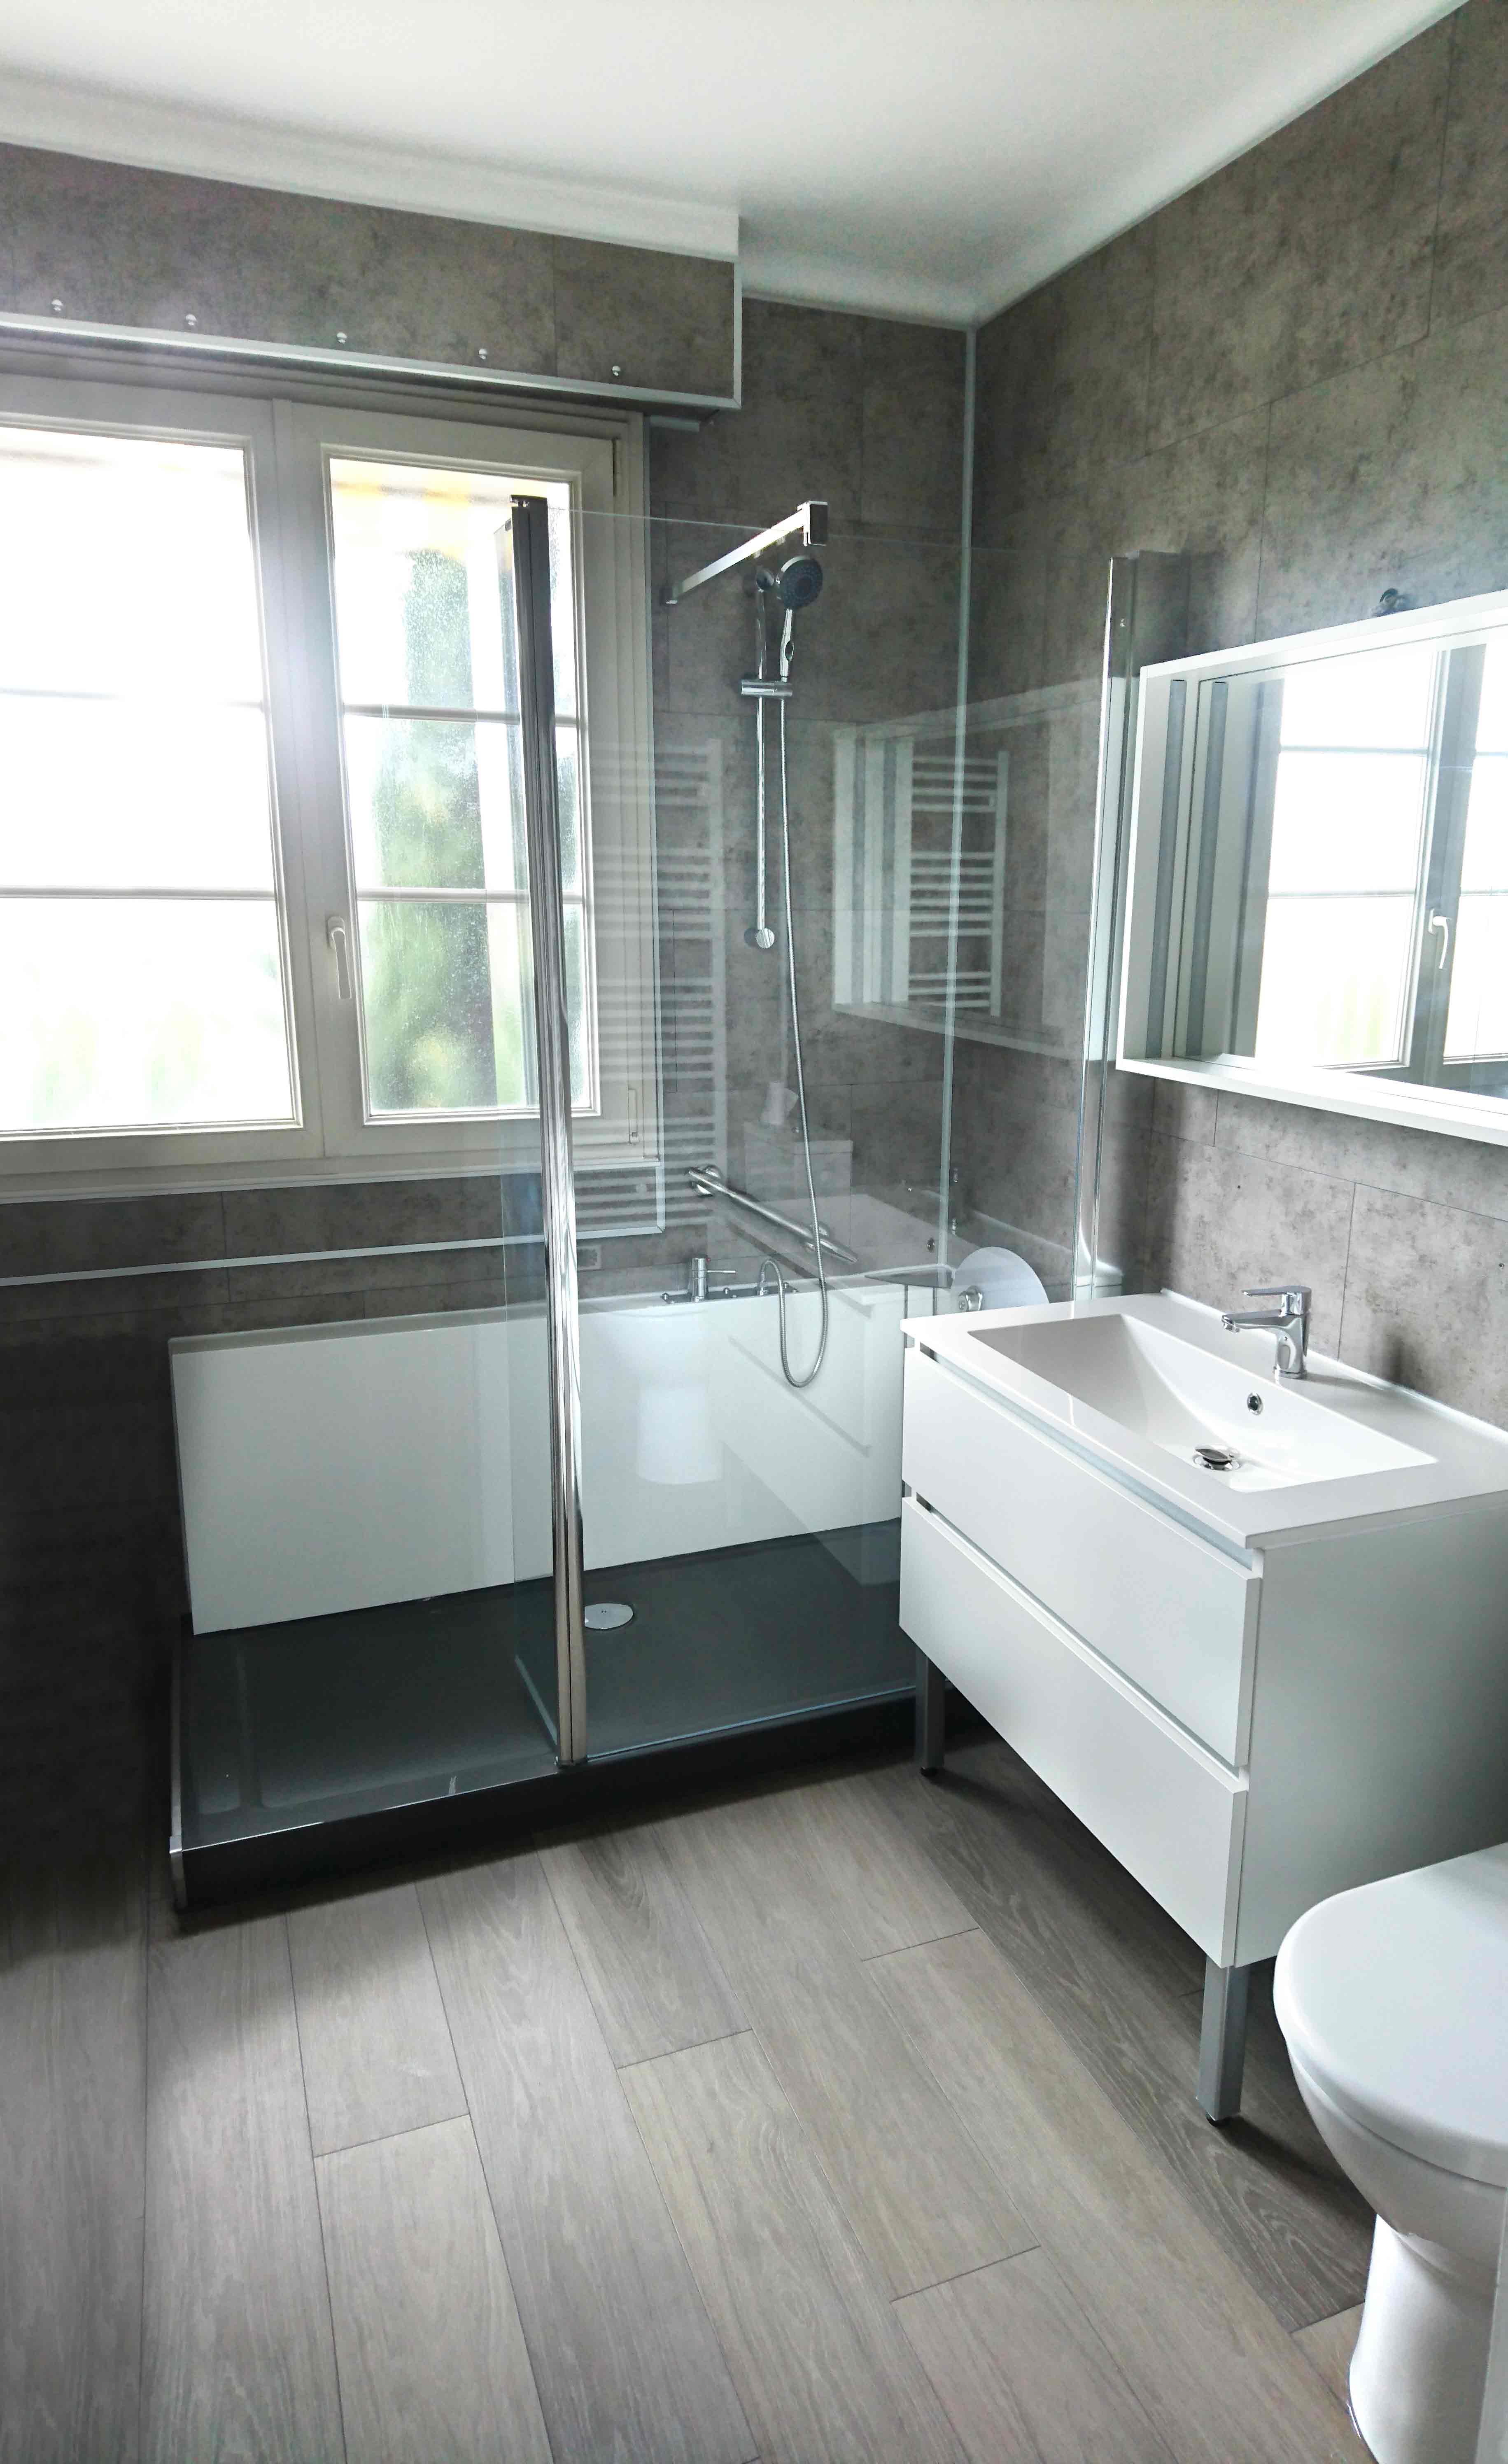 Salle de bain entièrement rénovée par Easy Shower